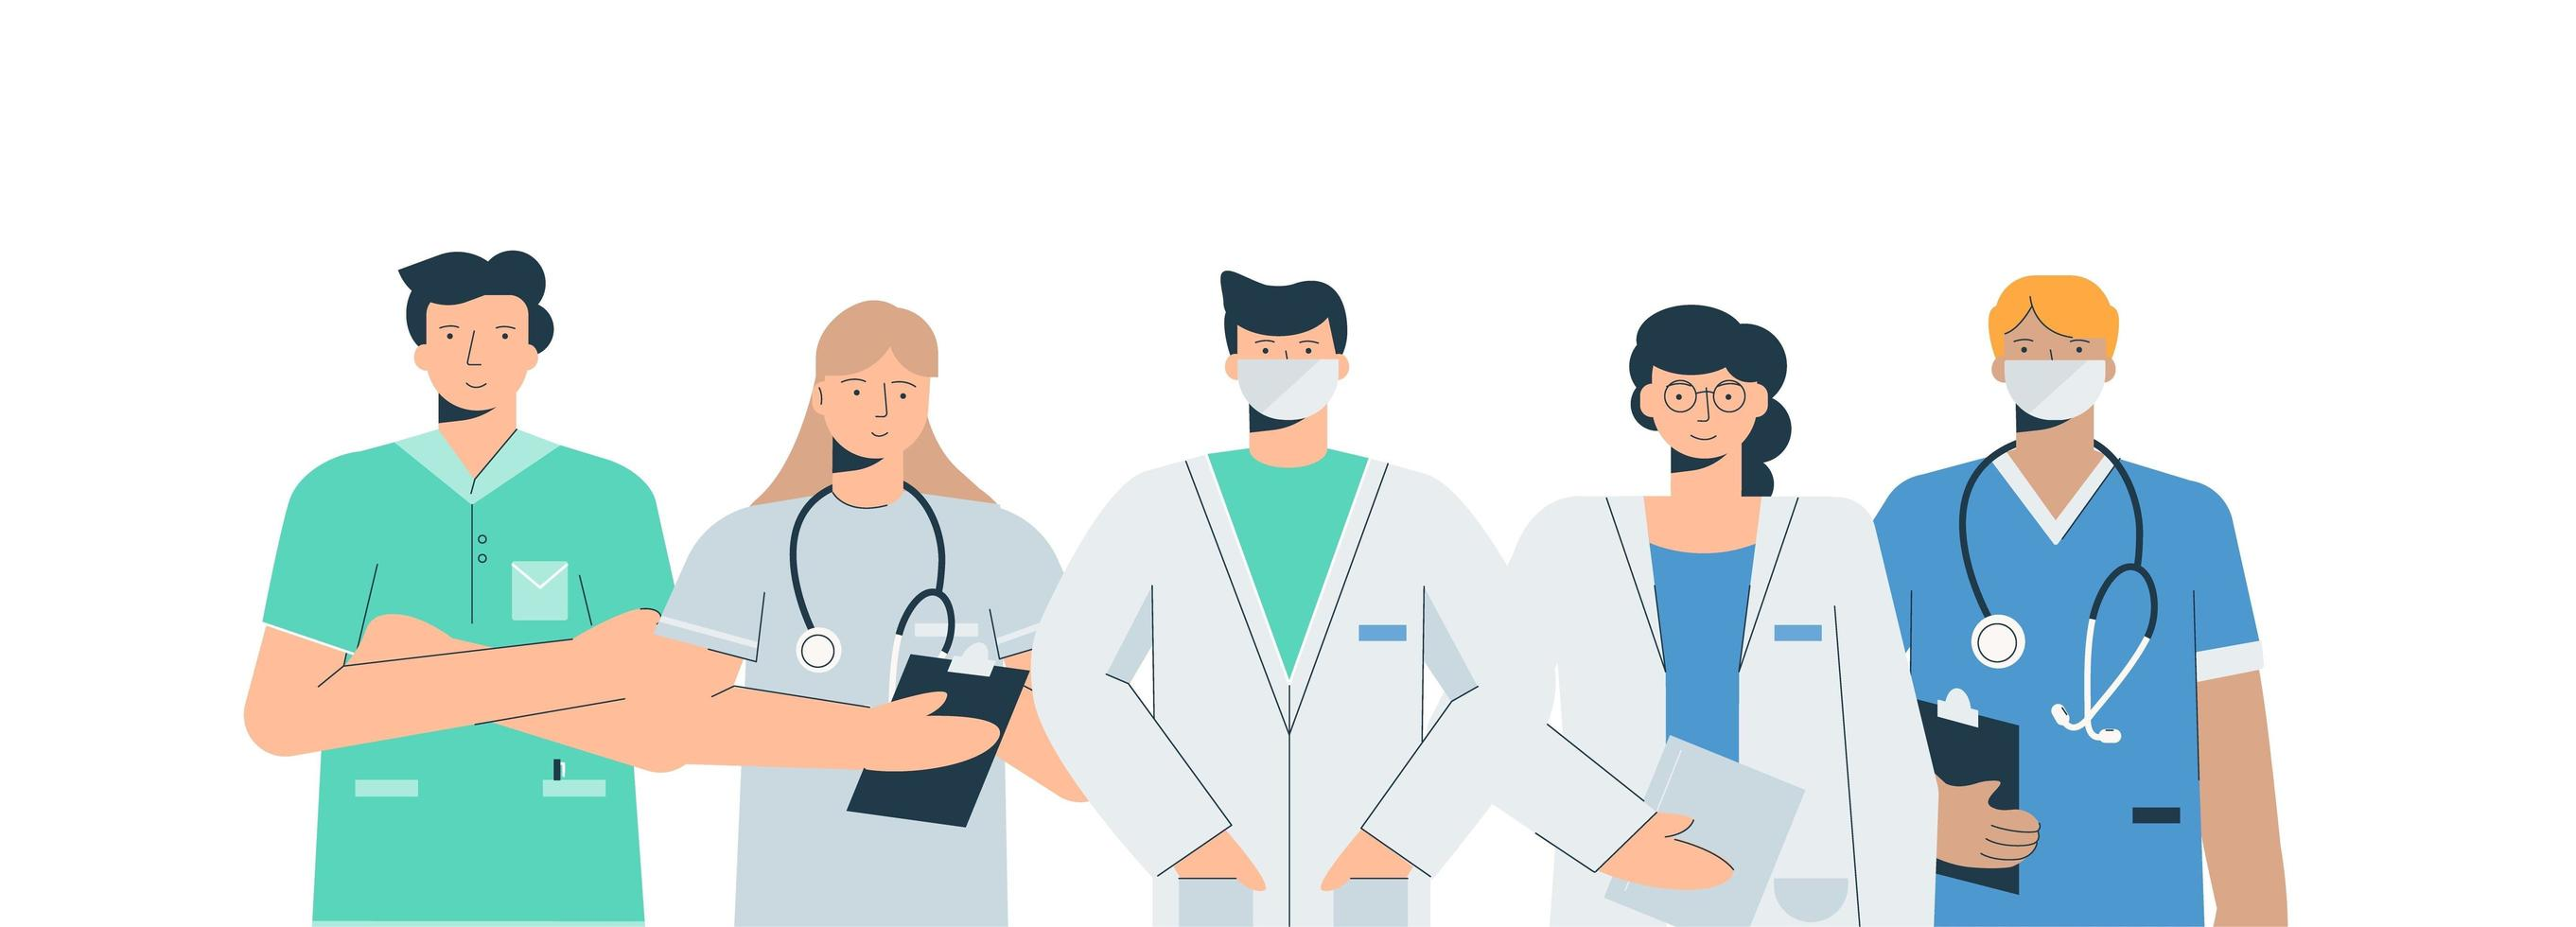 läkare i medicinska uniformer vektor